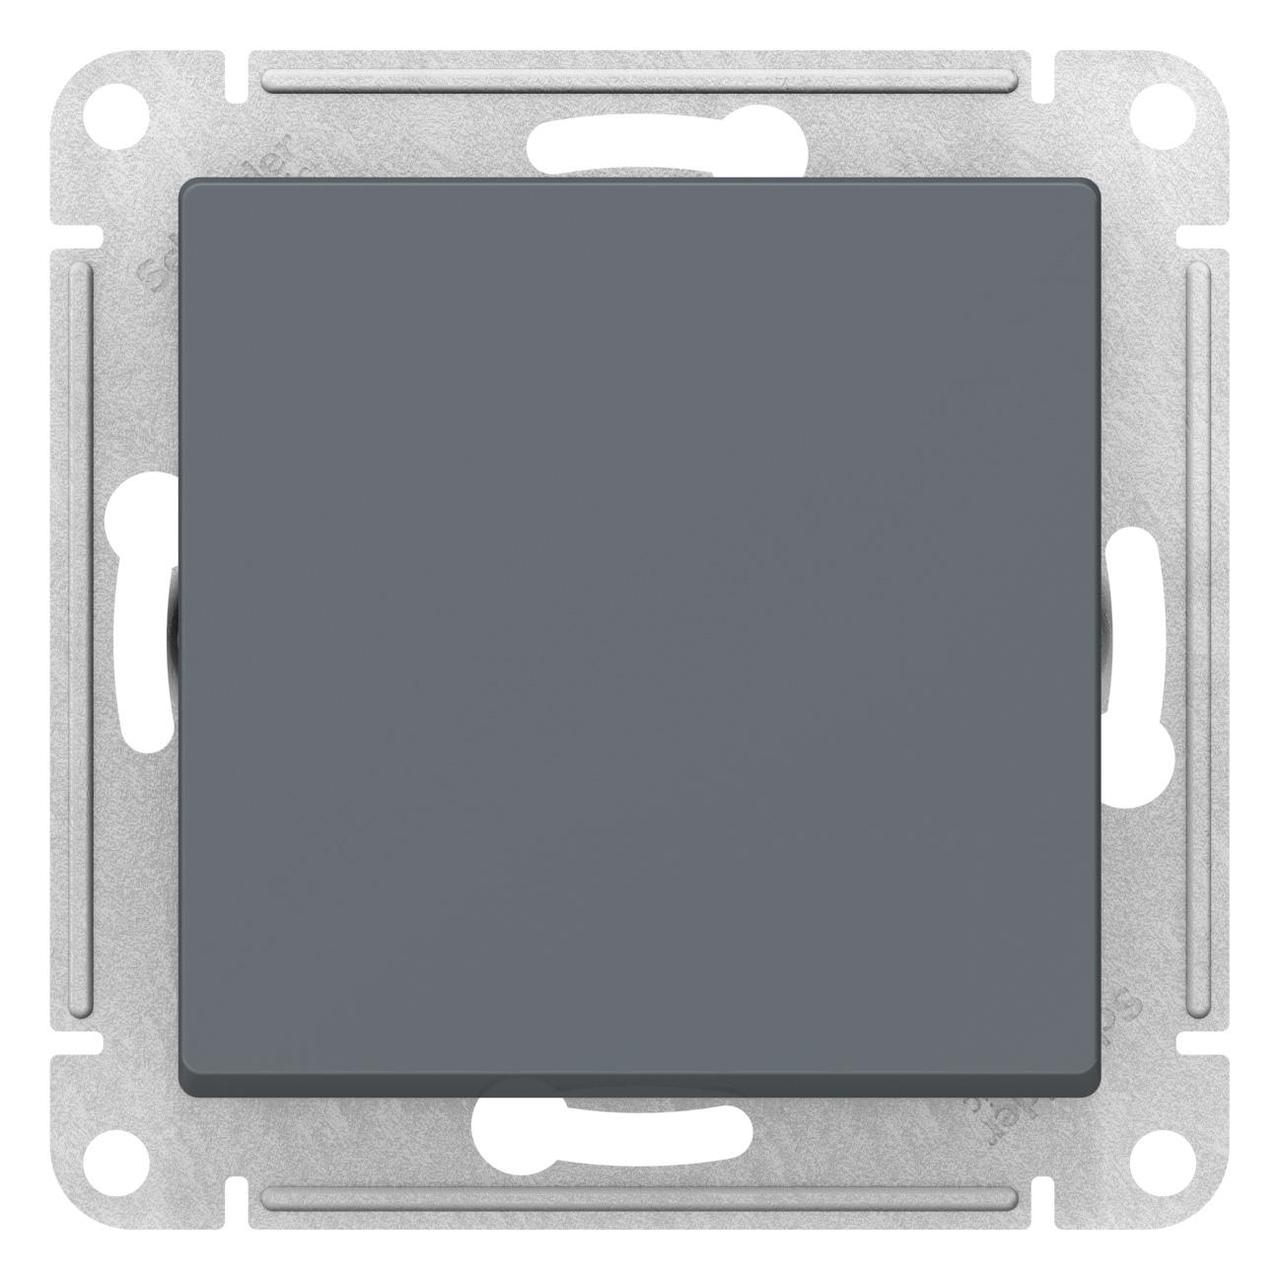 Выключатель 1-клавишный; кнопочный , Грифель, серия Atlas Design, Schneider Electric